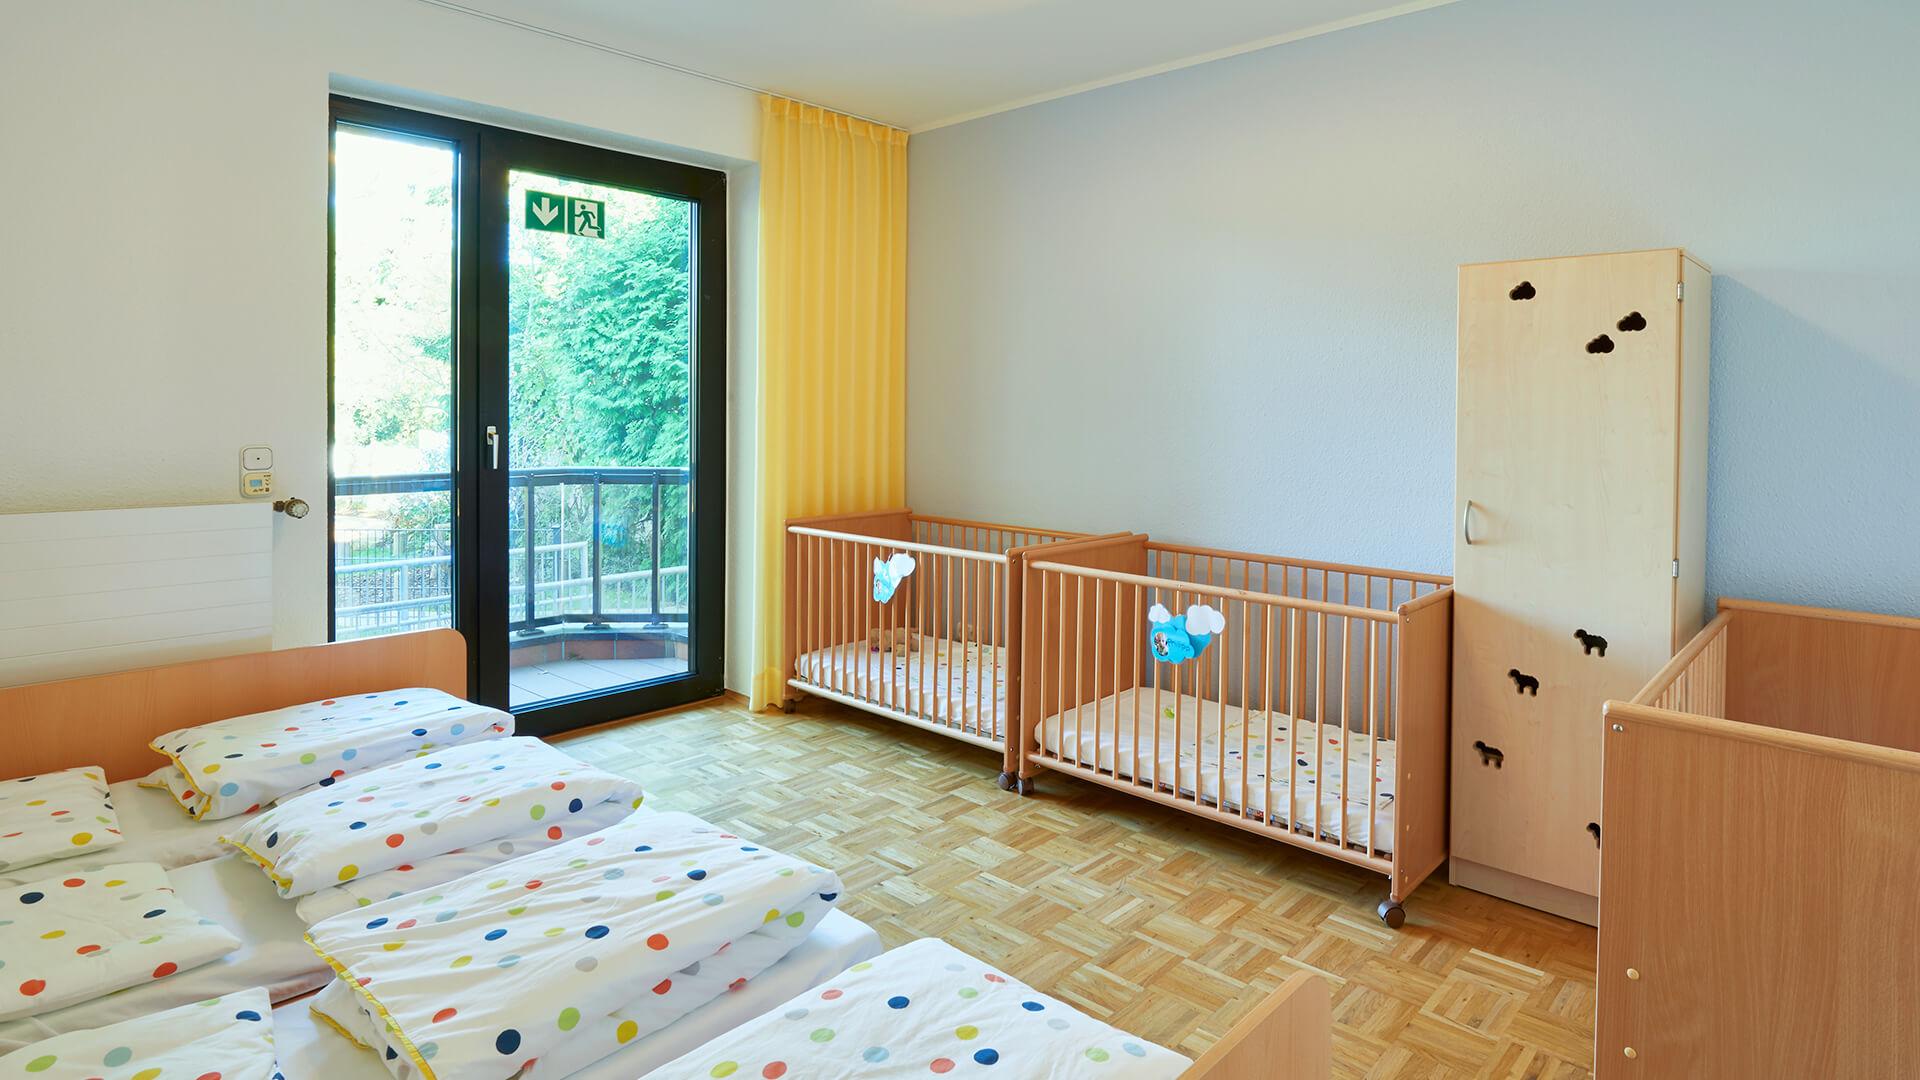 Ruheraum am Standort Essen-Bredeney, mit Betten für kleine und große Kids